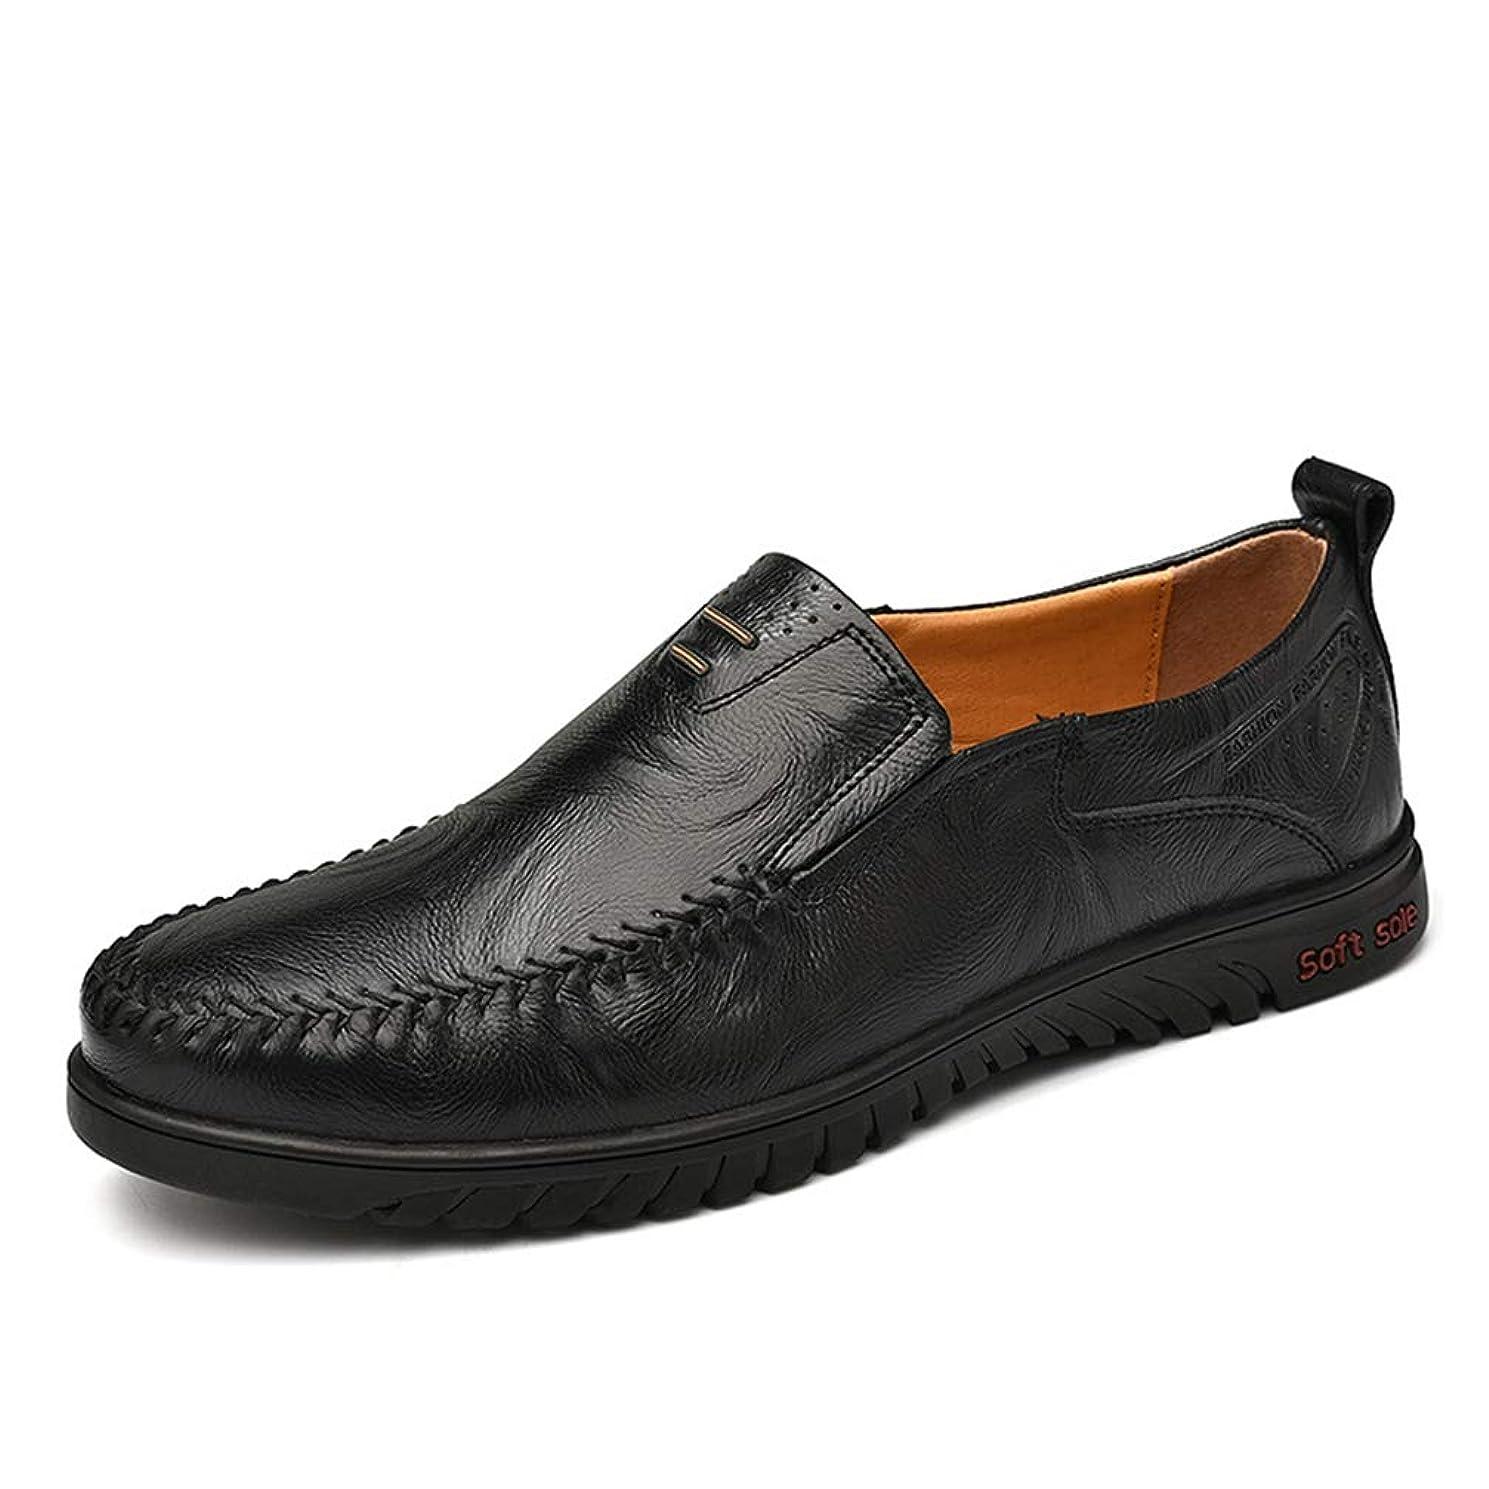 憂鬱な型出来事安全靴 作業靴 メンズ カジュアル ビジネス シューズ 冠婚葬祭 耐摩耗 滑り止め 防水 スニーカー ローファー スリッポン 紳士靴 ドライビングシューズ ウォーキング シューズ